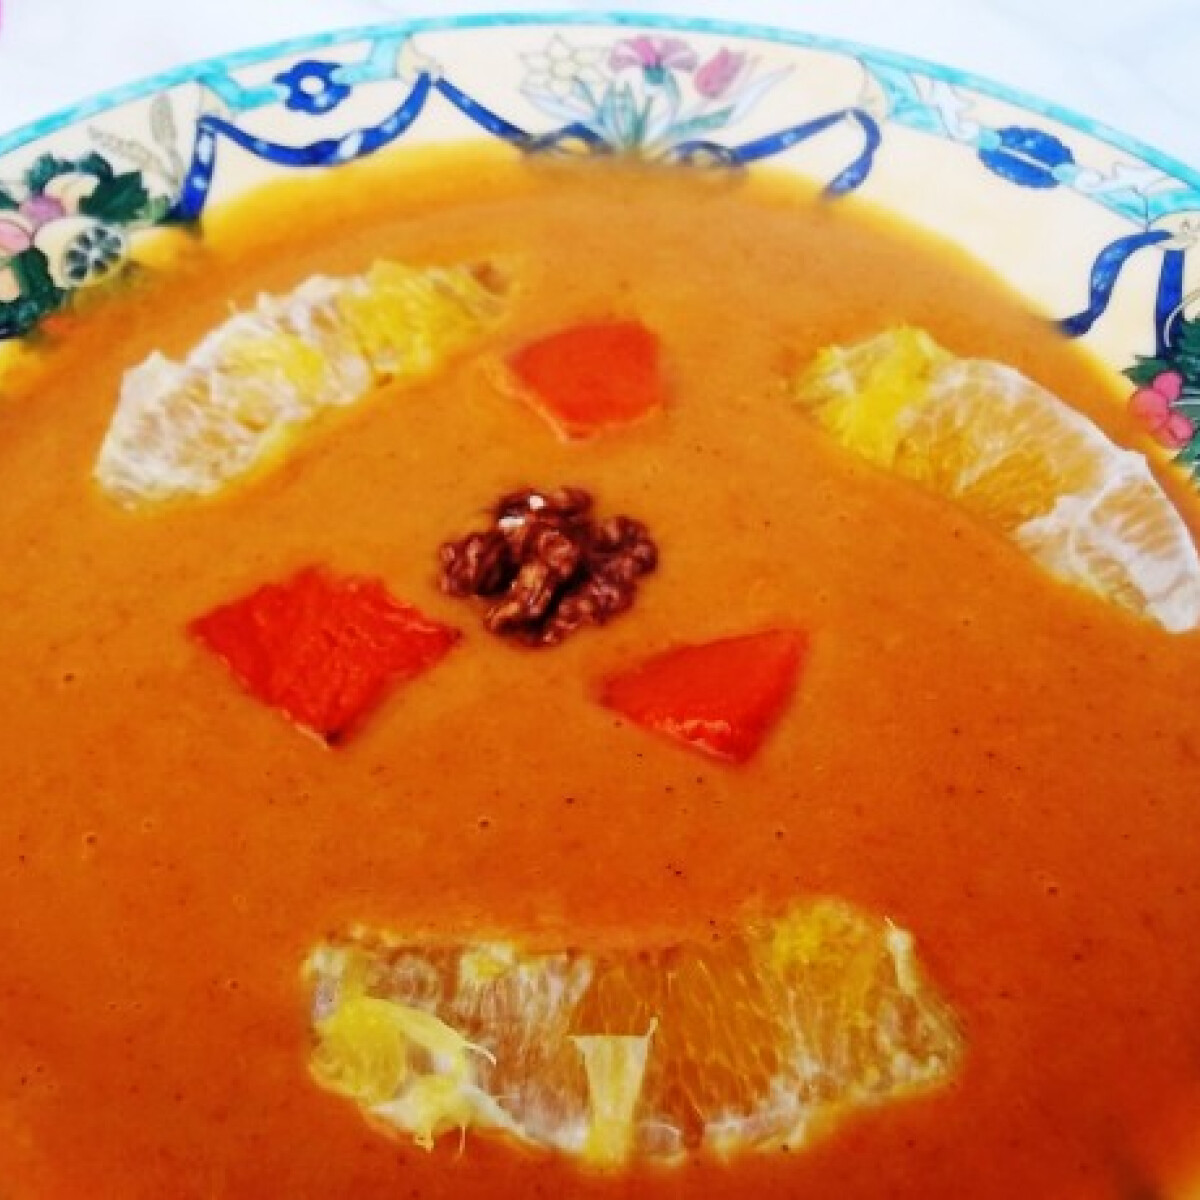 Sárgarépás-narancsos sütőtökkrémleves